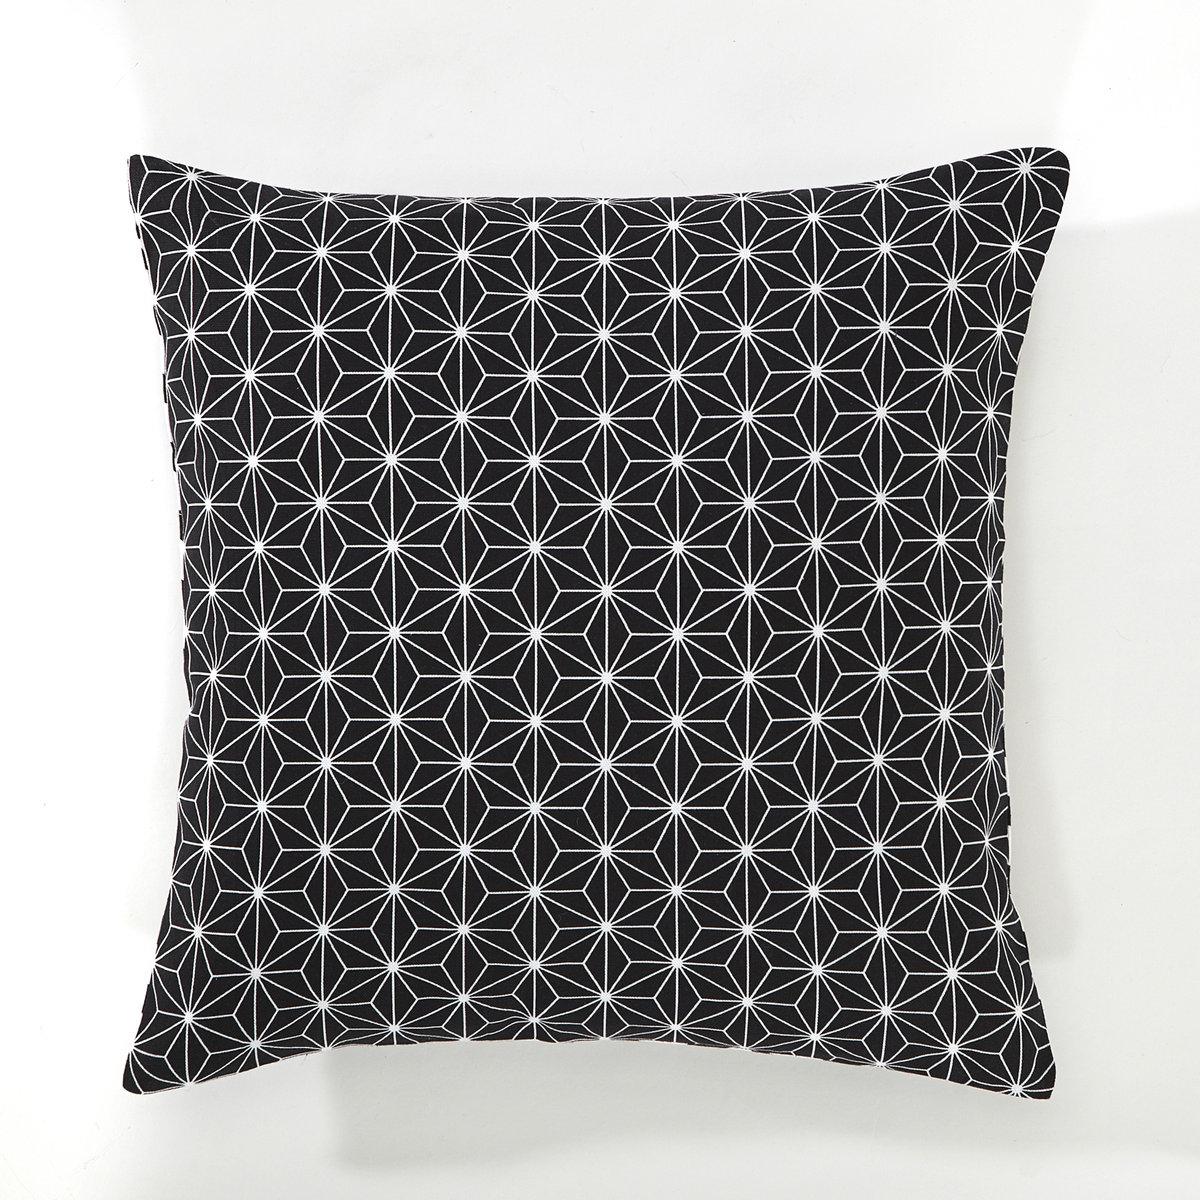 Чехол на подушку, LozangeХарактеристики чехла на подушку Lozange:оборотная сторона: двухцветные ромбы на белом фоне / лицевая сторона: непрерывный узор.Скрытая застежка на молнию.100% хлопка.Вся коллекция домашнего текстиля - на  laredoute.ru.Размер чехла на подушку Lozange:40 x 40 см.<br><br>Цвет: мятный/белый,розовая пудра/ белый,черный/ белый<br>Размер: 40 x 40  см